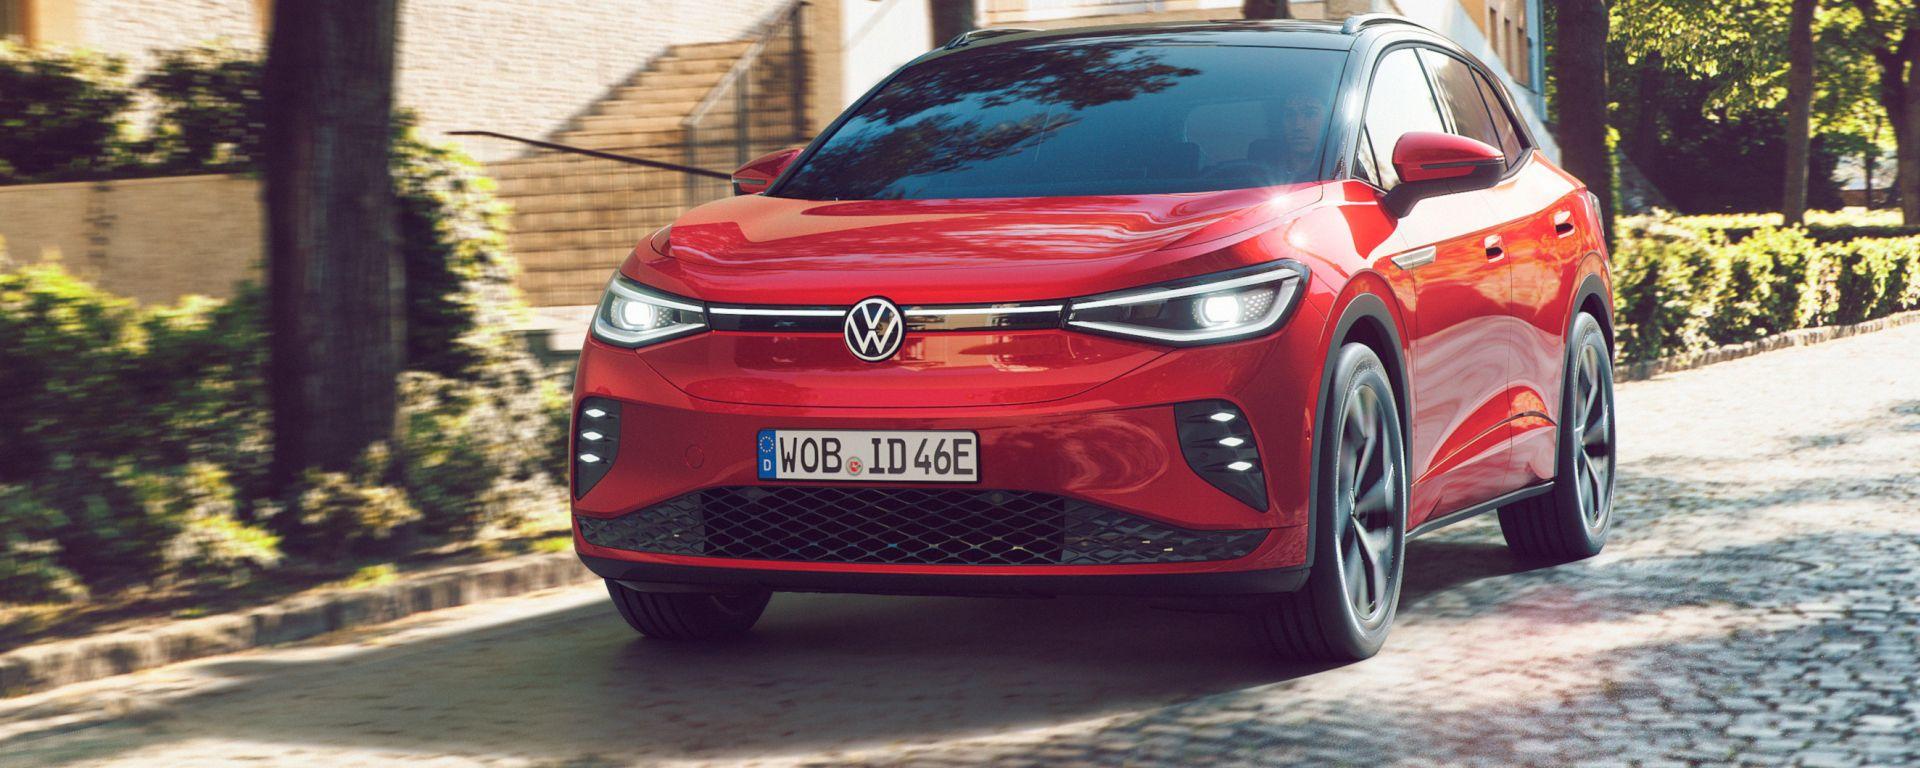 Volkswagen ID.4 GTX, arriva anche in Italia il SUV elettrico da 300 CV